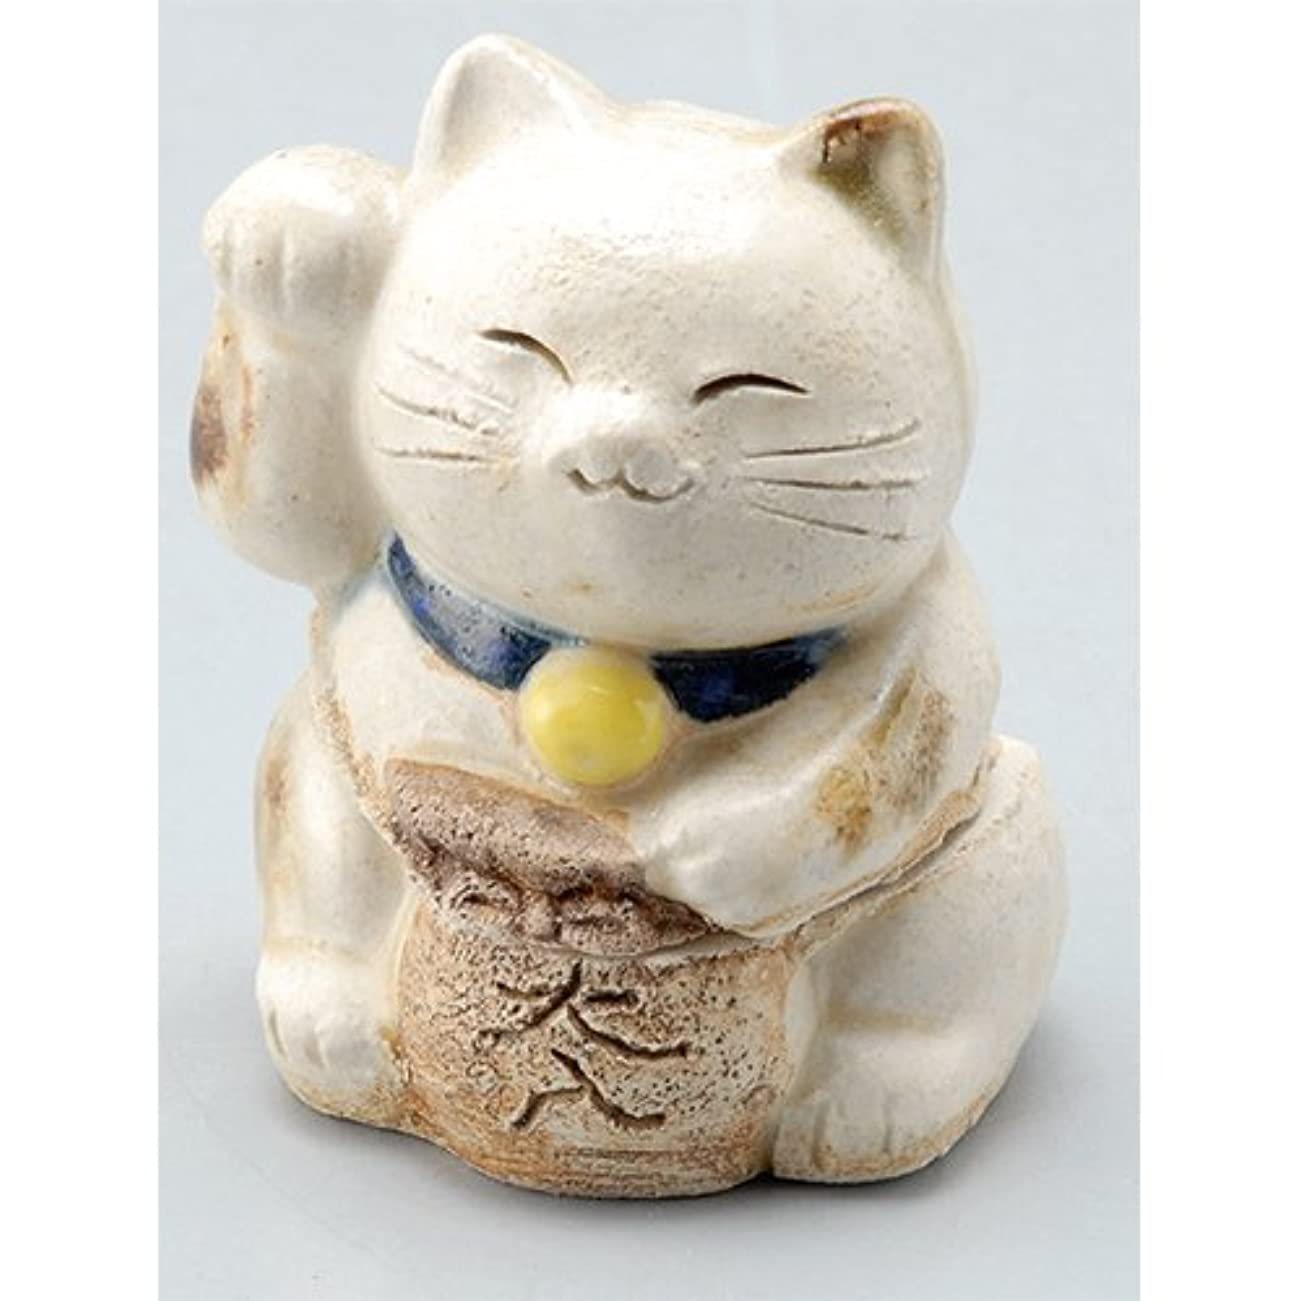 乱す気難しいタクト香炉 飾り香炉(招き猫) [H7cm] HANDMADE プレゼント ギフト 和食器 かわいい インテリア